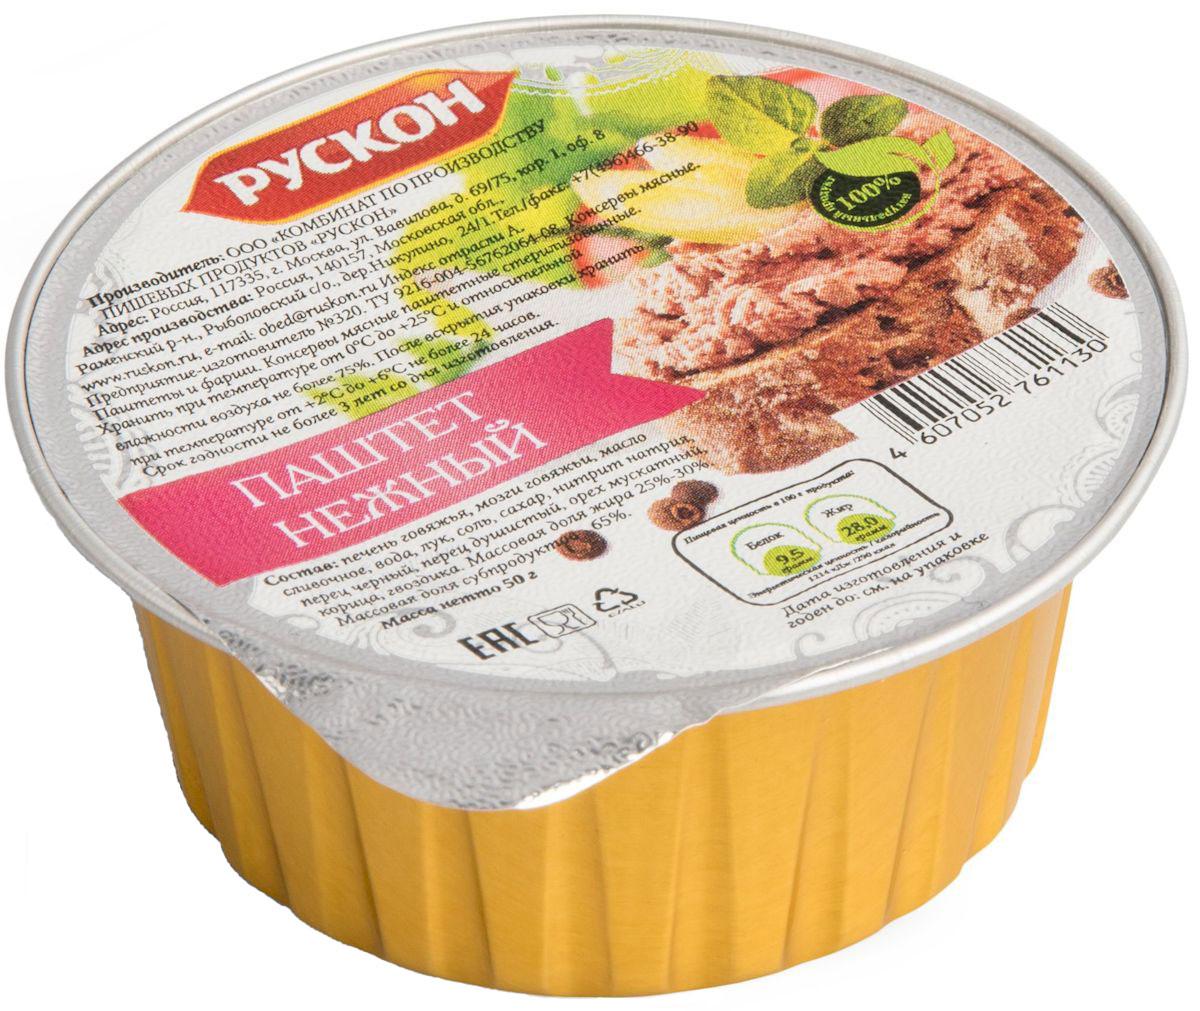 Рускон паштет нежный, 50 г0120710Паштет нежный Рускон - мясные консервы стерилизованные. 100% натуральный продукт.